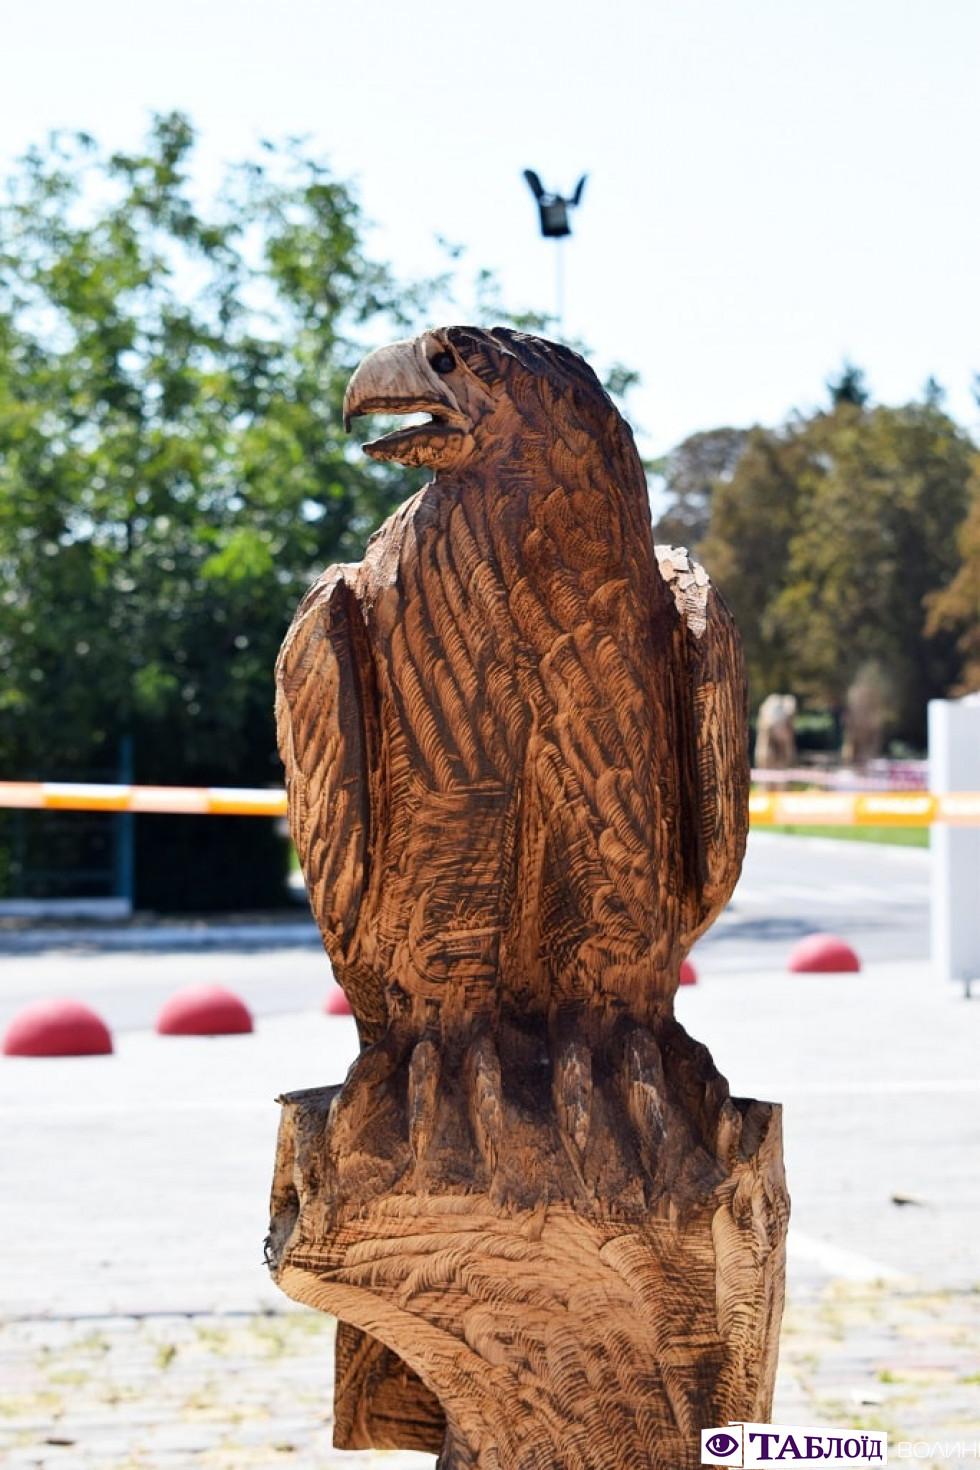 Орел, якого створив Бернд Вінтер